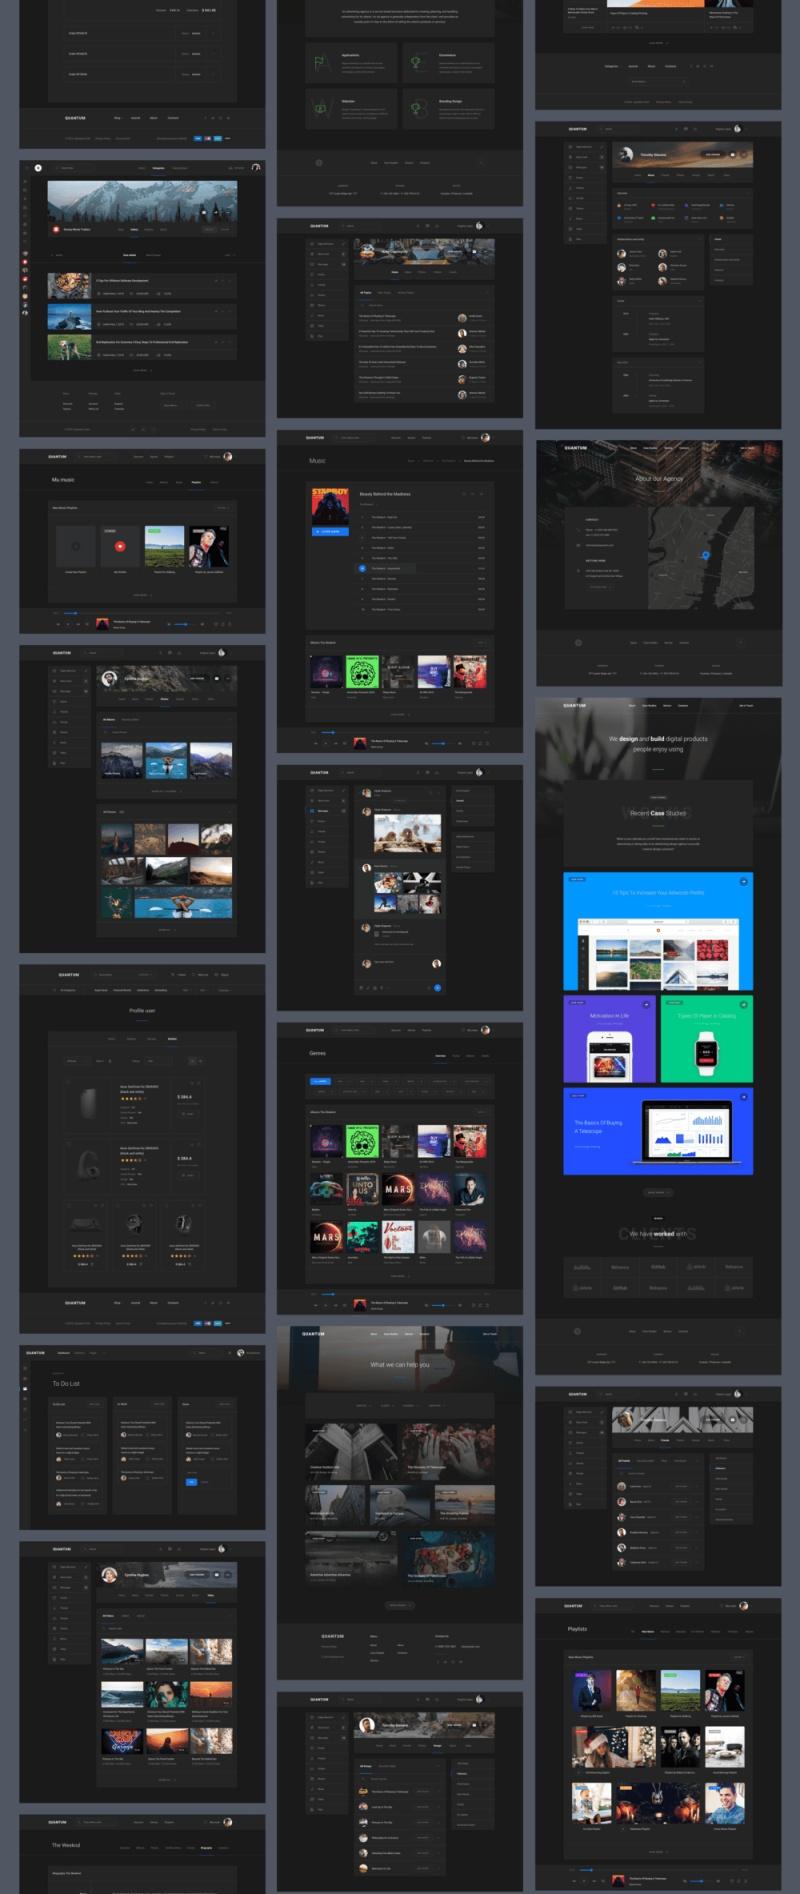 1200+用户界面卡和超过7个类别的超过200页。Quantum UI Kit 2.0